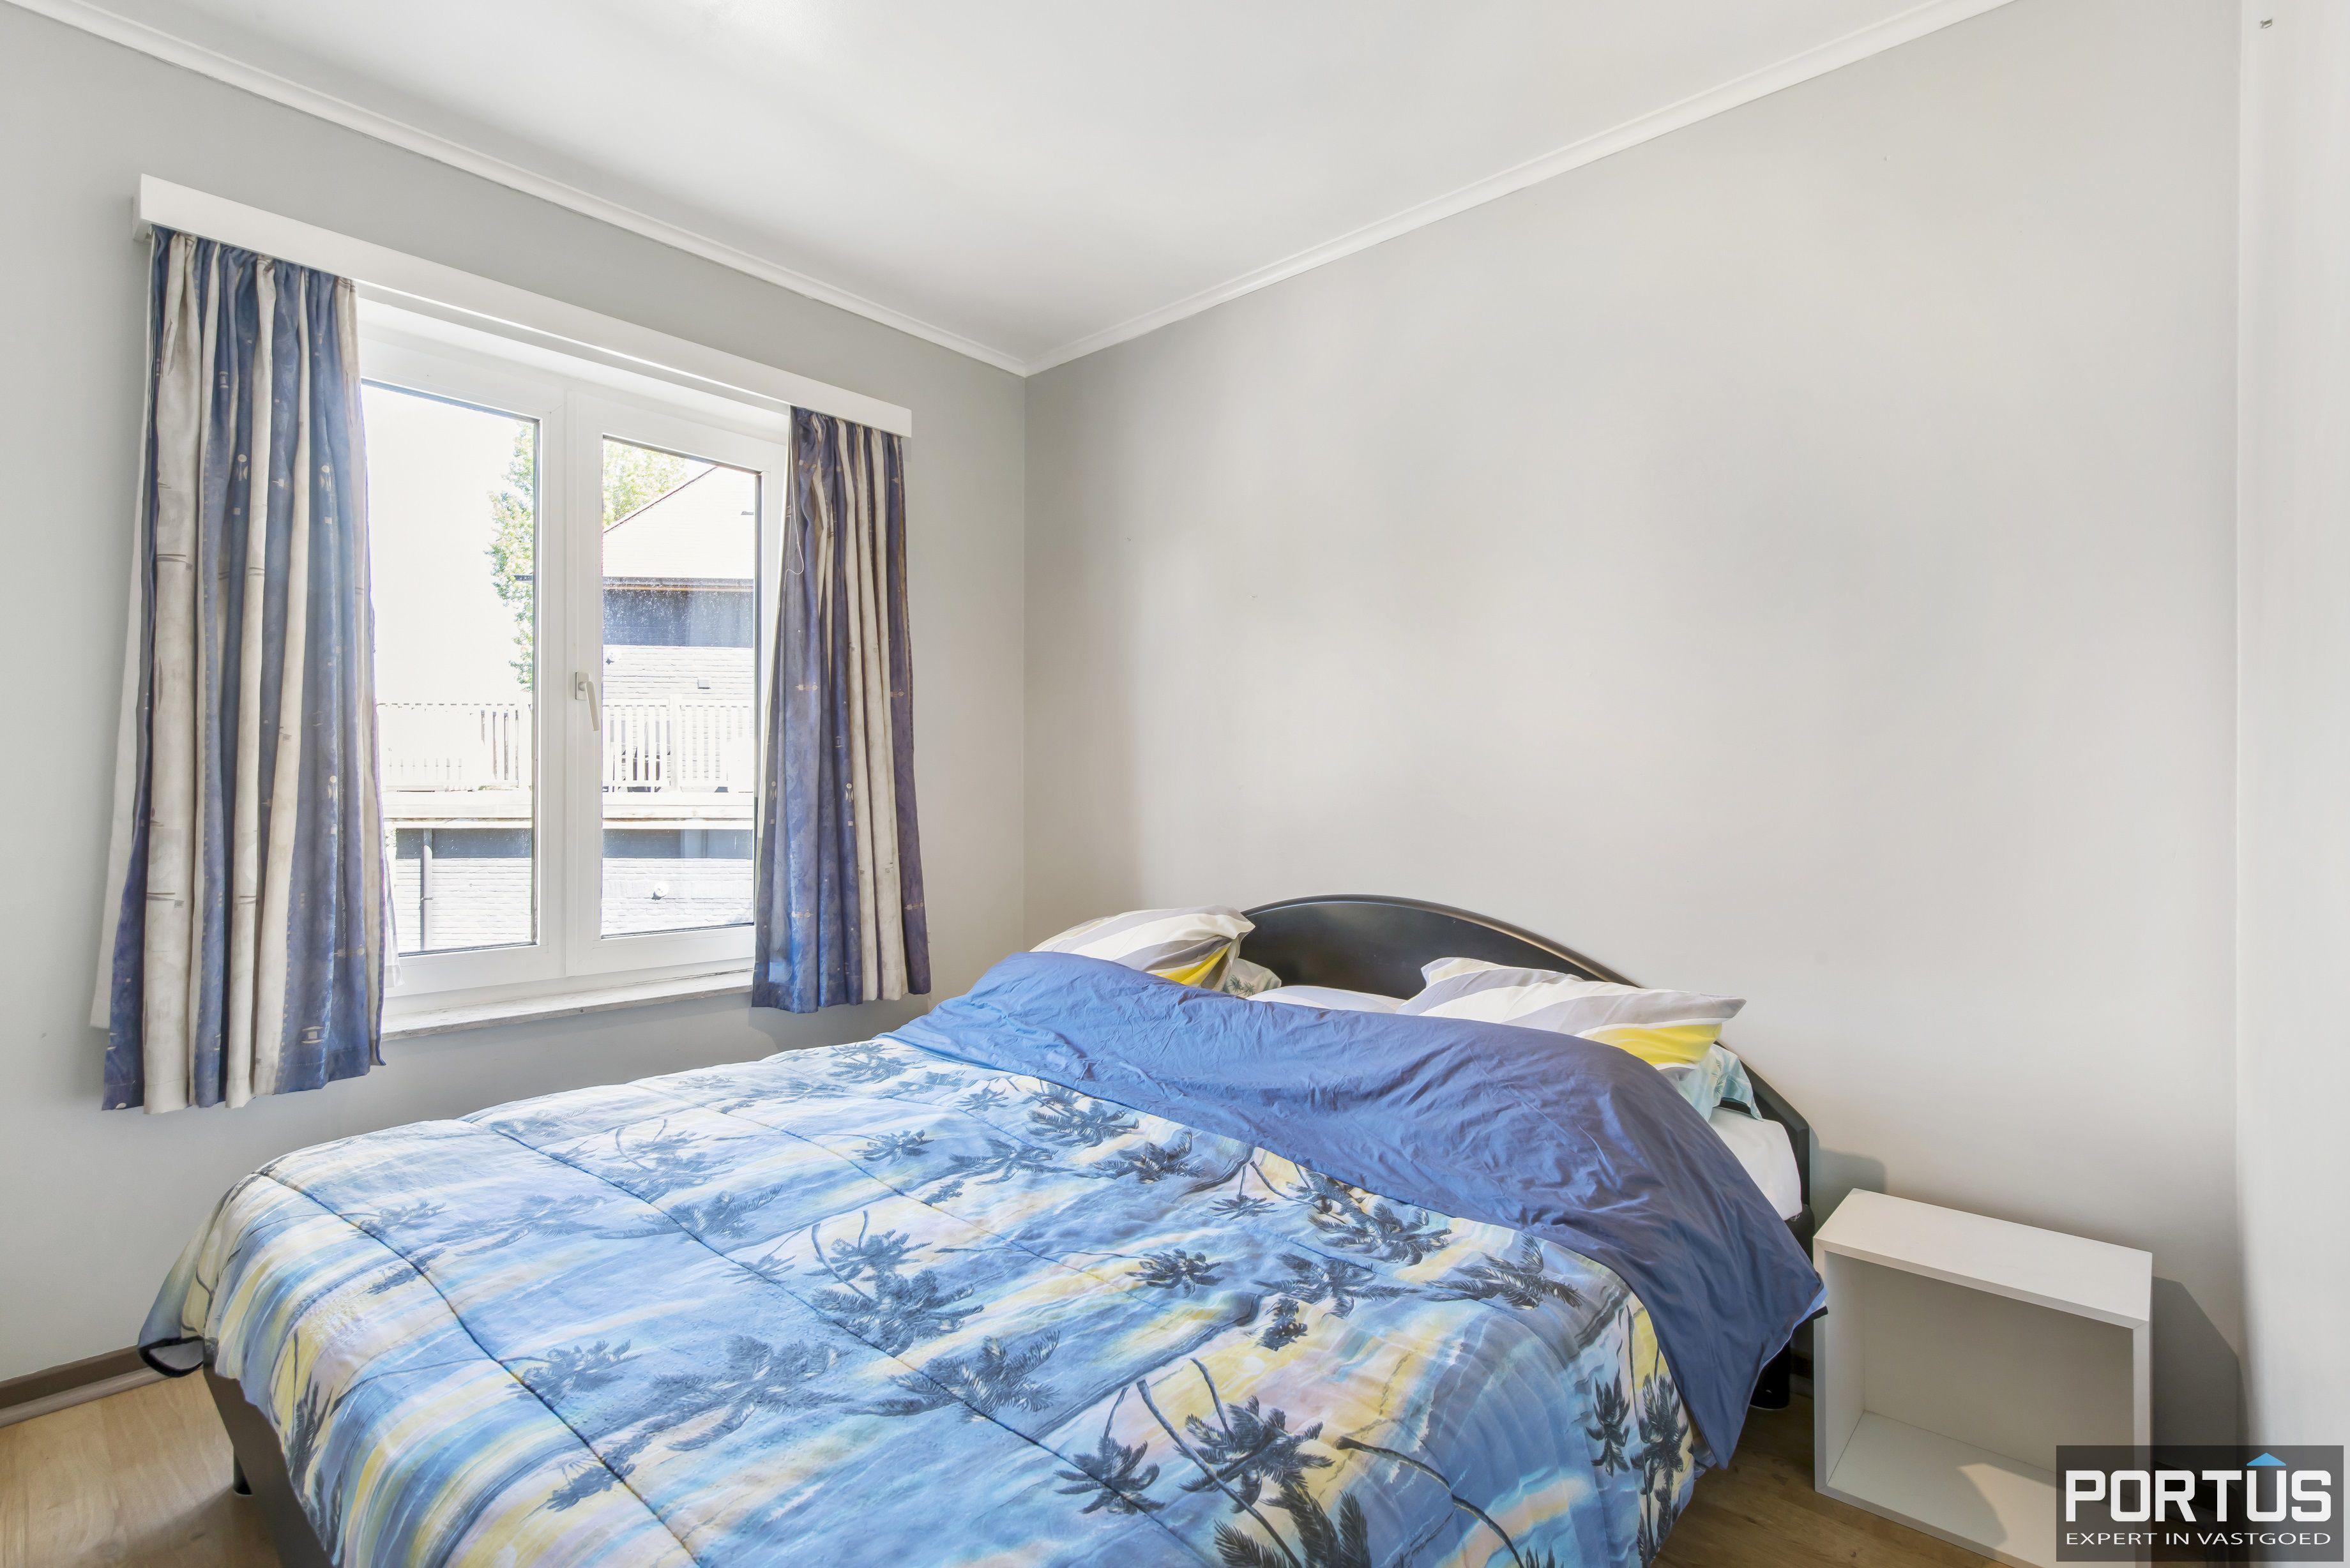 Appartement met 2 slaapkamers en parking te koop te Nieuwpoort - 9732